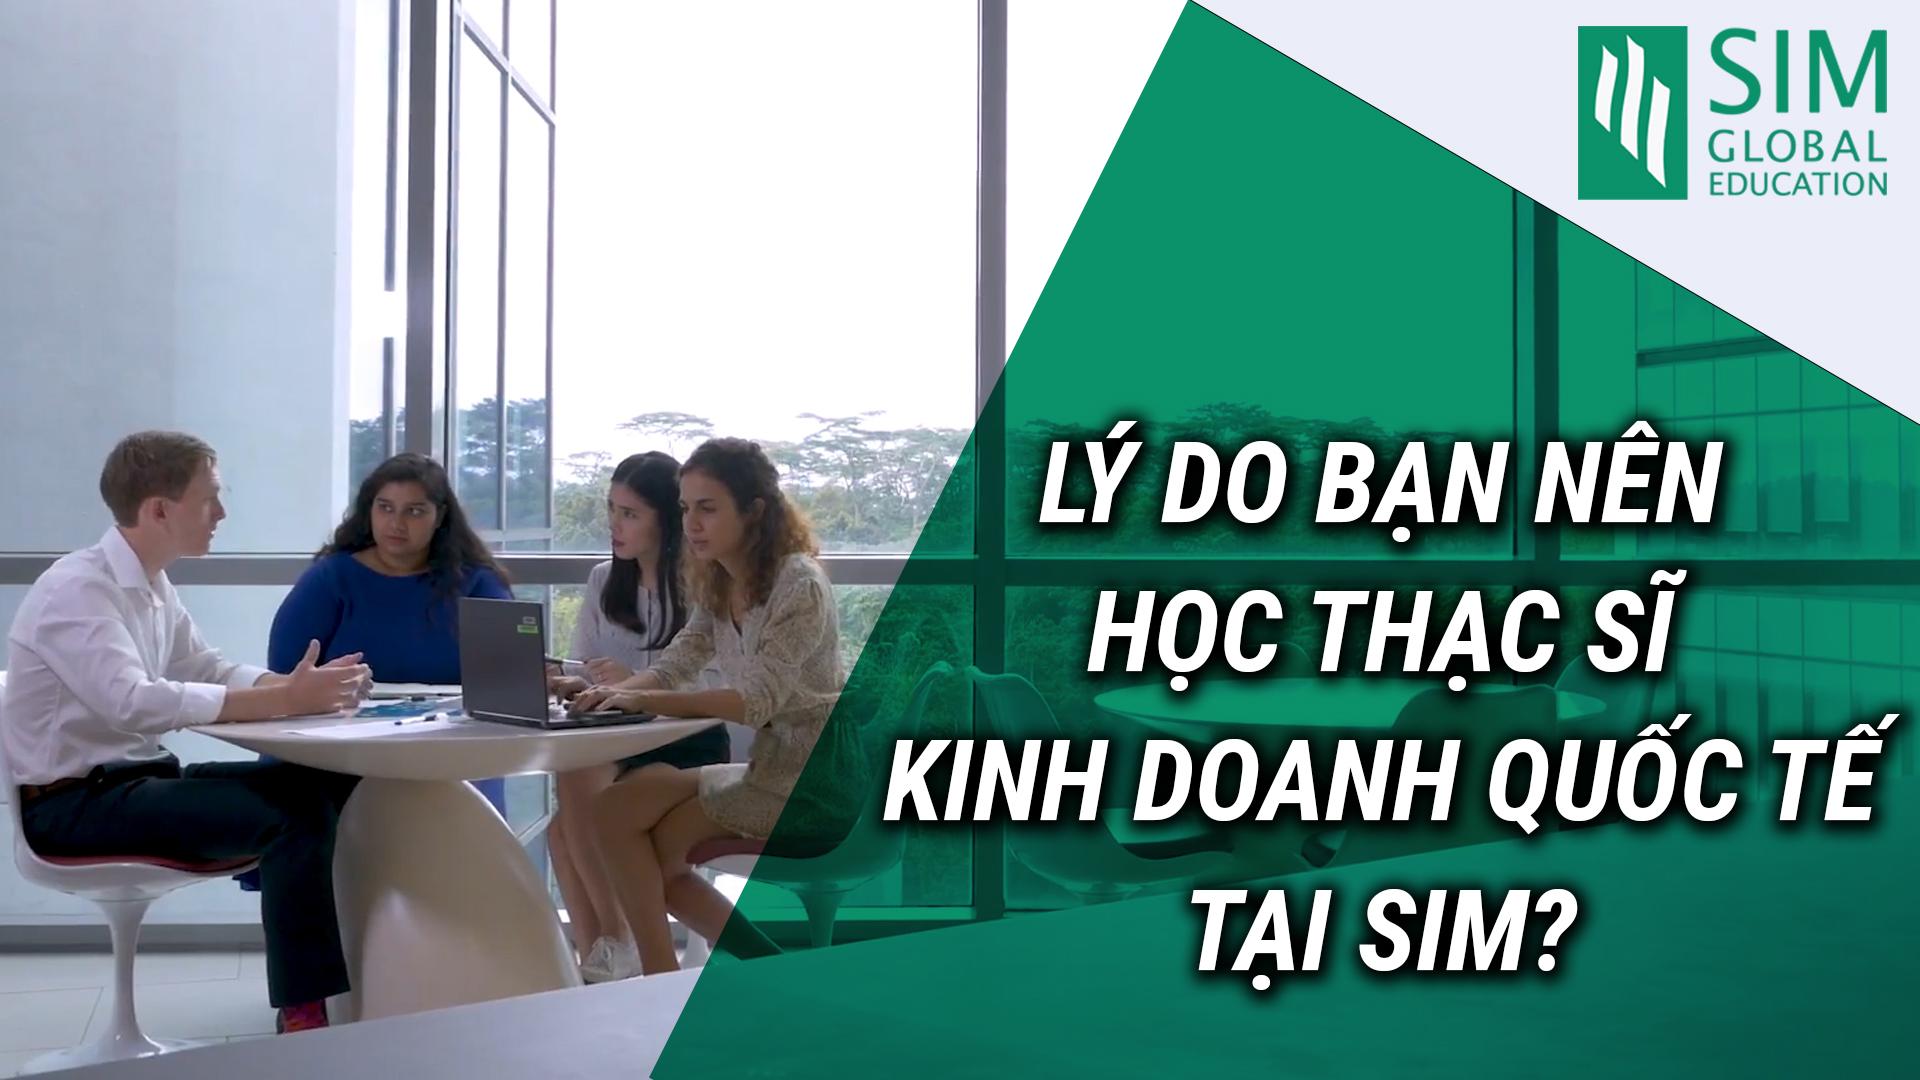 Du học Singapore bậc thạc sĩ tại sao bạn nên chọn chương trình kinh doanh quốc tế tại SIM? Hãy nghe chia sẻ của Lan - cựu sinh viên chương trình học này tại SIM và hiện là chuyên viên bán hàng và marketing kỹ thuật số của Blackbox Singapore, một công ty chuyên về giải pháp tiếp thị kỹ thuật số nổi tiếng tại Singapore. Có thể bạn cũng sẽ bị thuyết phục như cô ấy về đất nước Singapore xinh đẹp, nhiều cơ hội, chương trình học gắn liền với thực tế, cộng đồng sinh viên đa dạng văn hóa tại SIM… Ngoài ra, nếu có nhu cầu tìm hiểu toàn diện về SIM từ chương trình đào tạo, yêu cầu đầu vào, học bổng và hỗ trợ tài chính đến triển vọng việc làm, mời bạn tham gia sự kiện Open Day - Cùng SIM lĩnh hội chương trình chuẩn quốc tế do INEC hợp tác với SIM tổ chức vào lúc 16h00 thứ Bảy, ngày 03/08/2019 tại 51L, Nguyễn Chí Thanh, Q. Hải Châu, Đà Nẵng và 9h00 Chủ nhật, ngày 04/08/2019, tại KS Liberty Central Riverside Saigon, 17 Tôn Đức Thắng, Q. 1, TP. HCM. Hotline đăng ký: 093 409 8883. Link tham khảo: ttps://duhocinec.com/du-hoc-singapore-cung-sim-linh-hoi-chuong-trinh-chuan-quoc-te Liên hệ INEC - Đại diện tuyển sinh chính thức là Best Agent 2018 của Học viện SIM tại Việt Nam để được hỗ trợ du học Singapore tốt nhất. • Tổng đài: 1900 636 990 • Hotline KV miền Bắc và Nam:  093 409 4411 • Hotline KV miền Trung: 093 409 9070  • Email: inec@inec.vn • Website: https://duhocinec.com/du-hoc-singapore